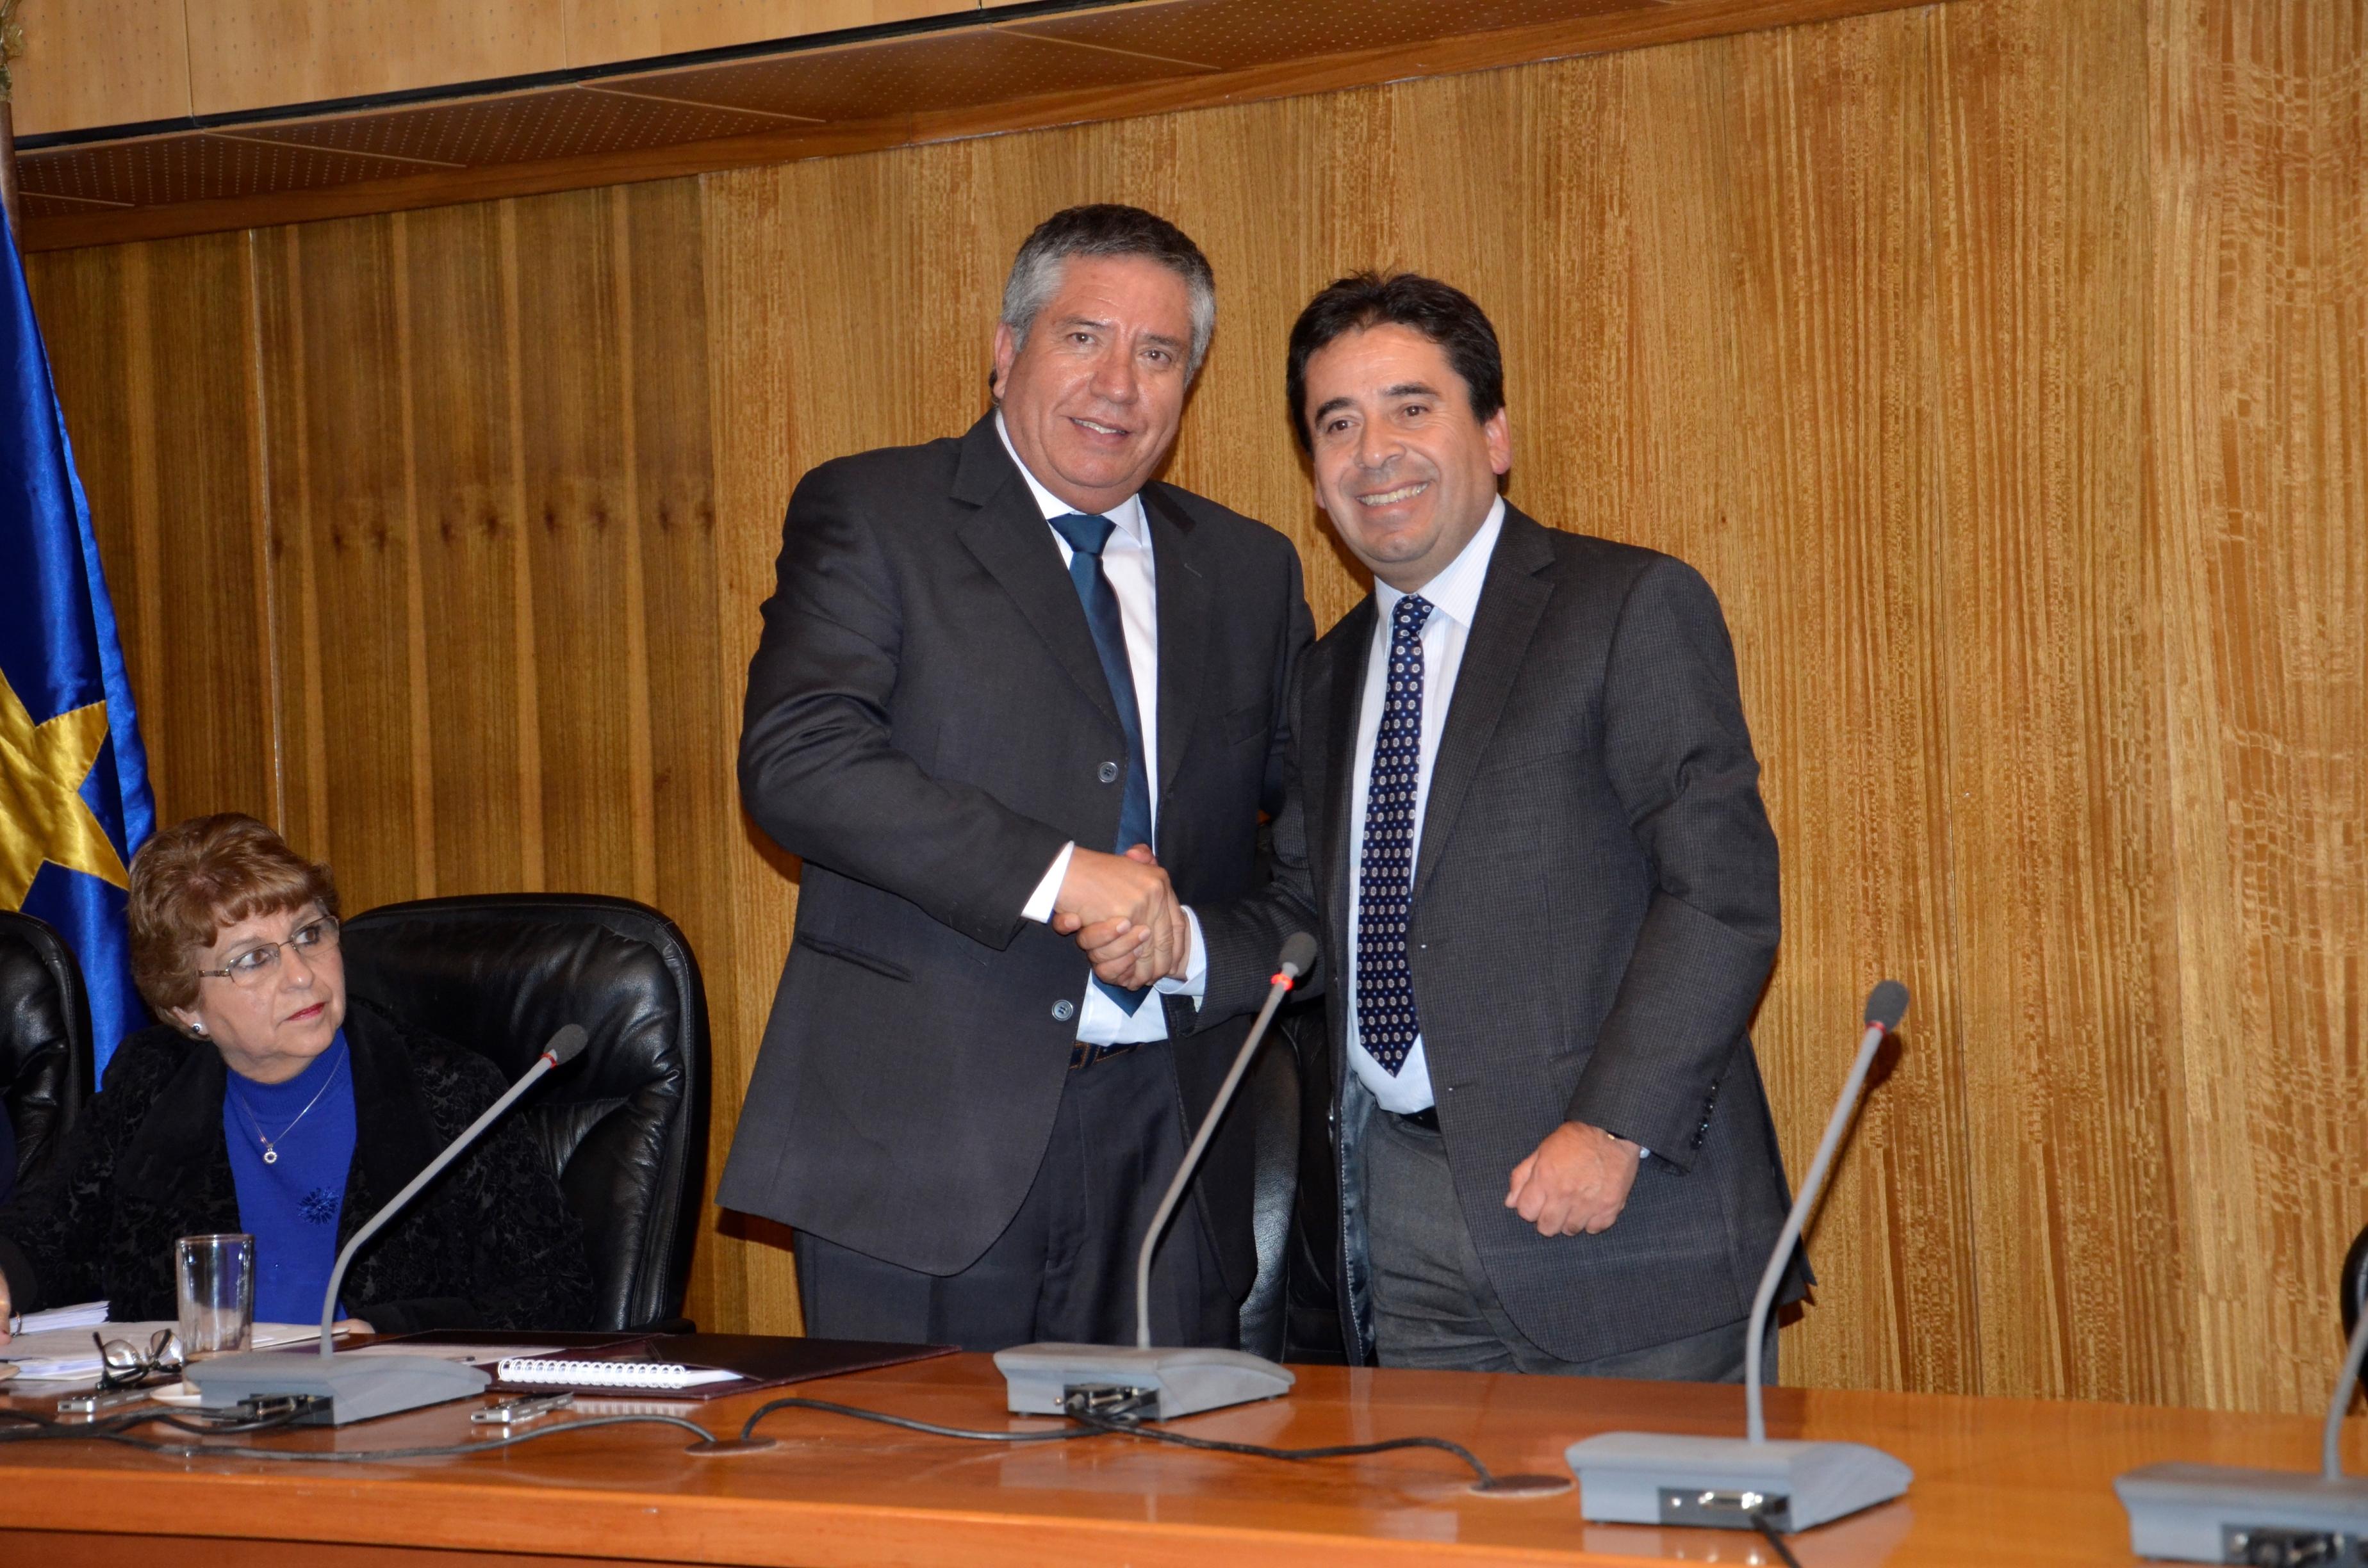 Consejero Regional Francisco Madero asume la presidencia del Consejo Regional Atacama